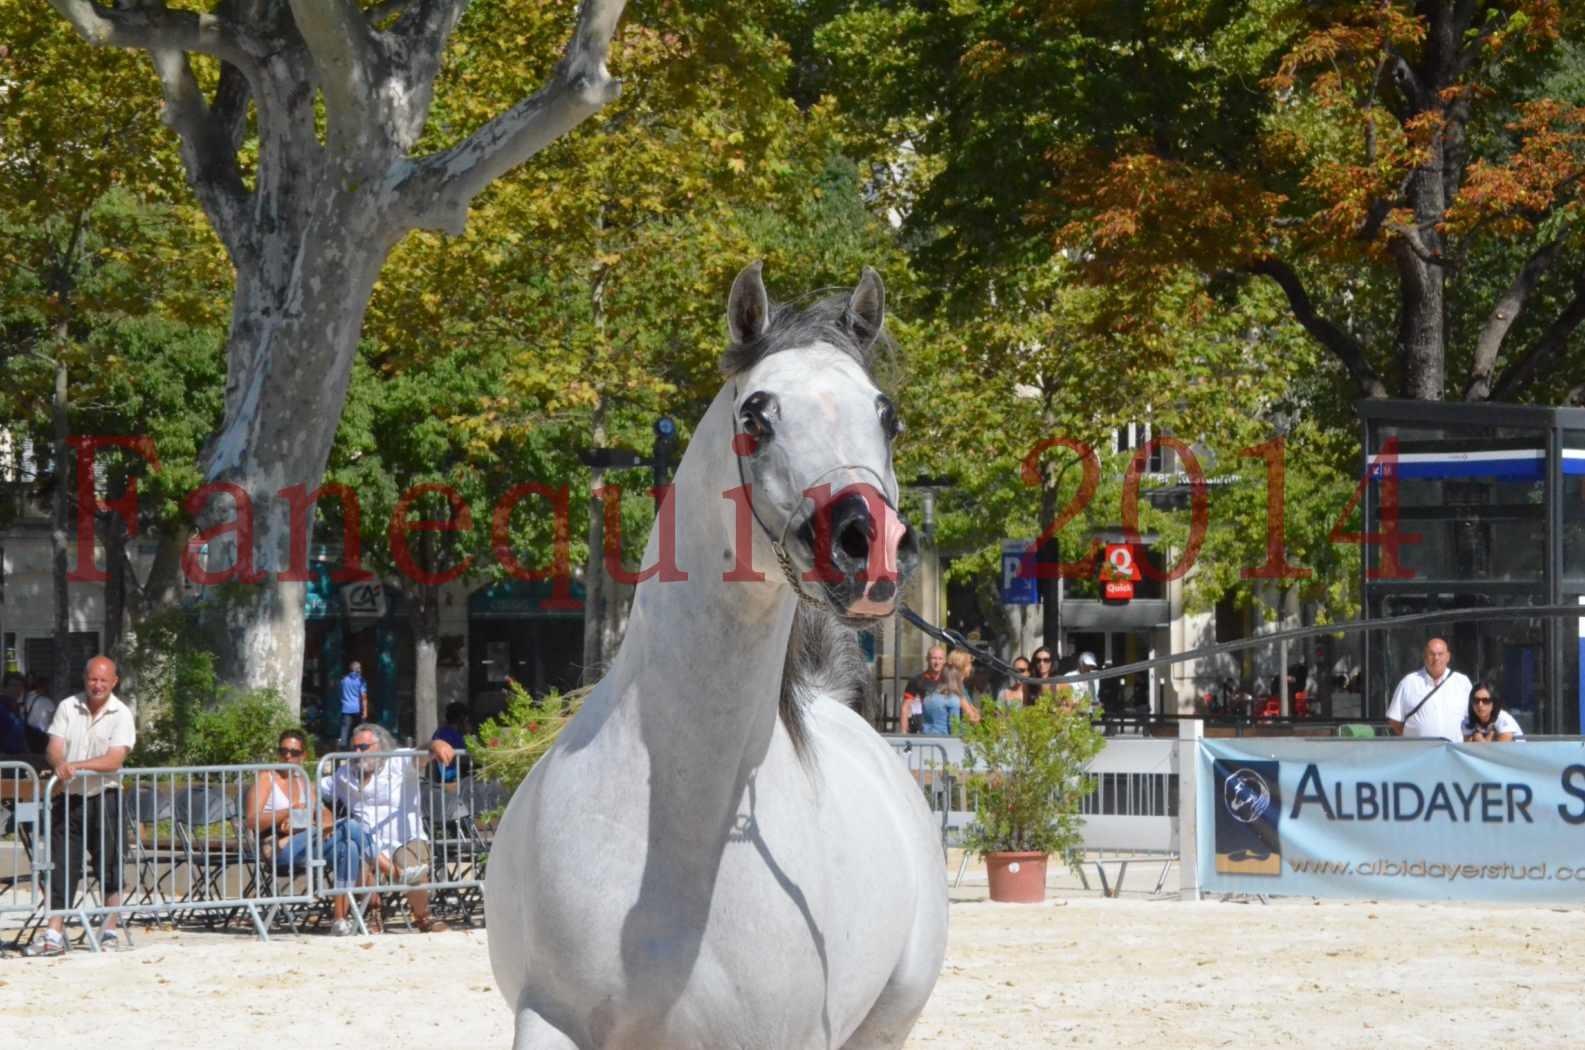 Concours National de Nîmes de chevaux ARABES 2014 - Sélection - SHAOLIN DE NEDJAIA - 52